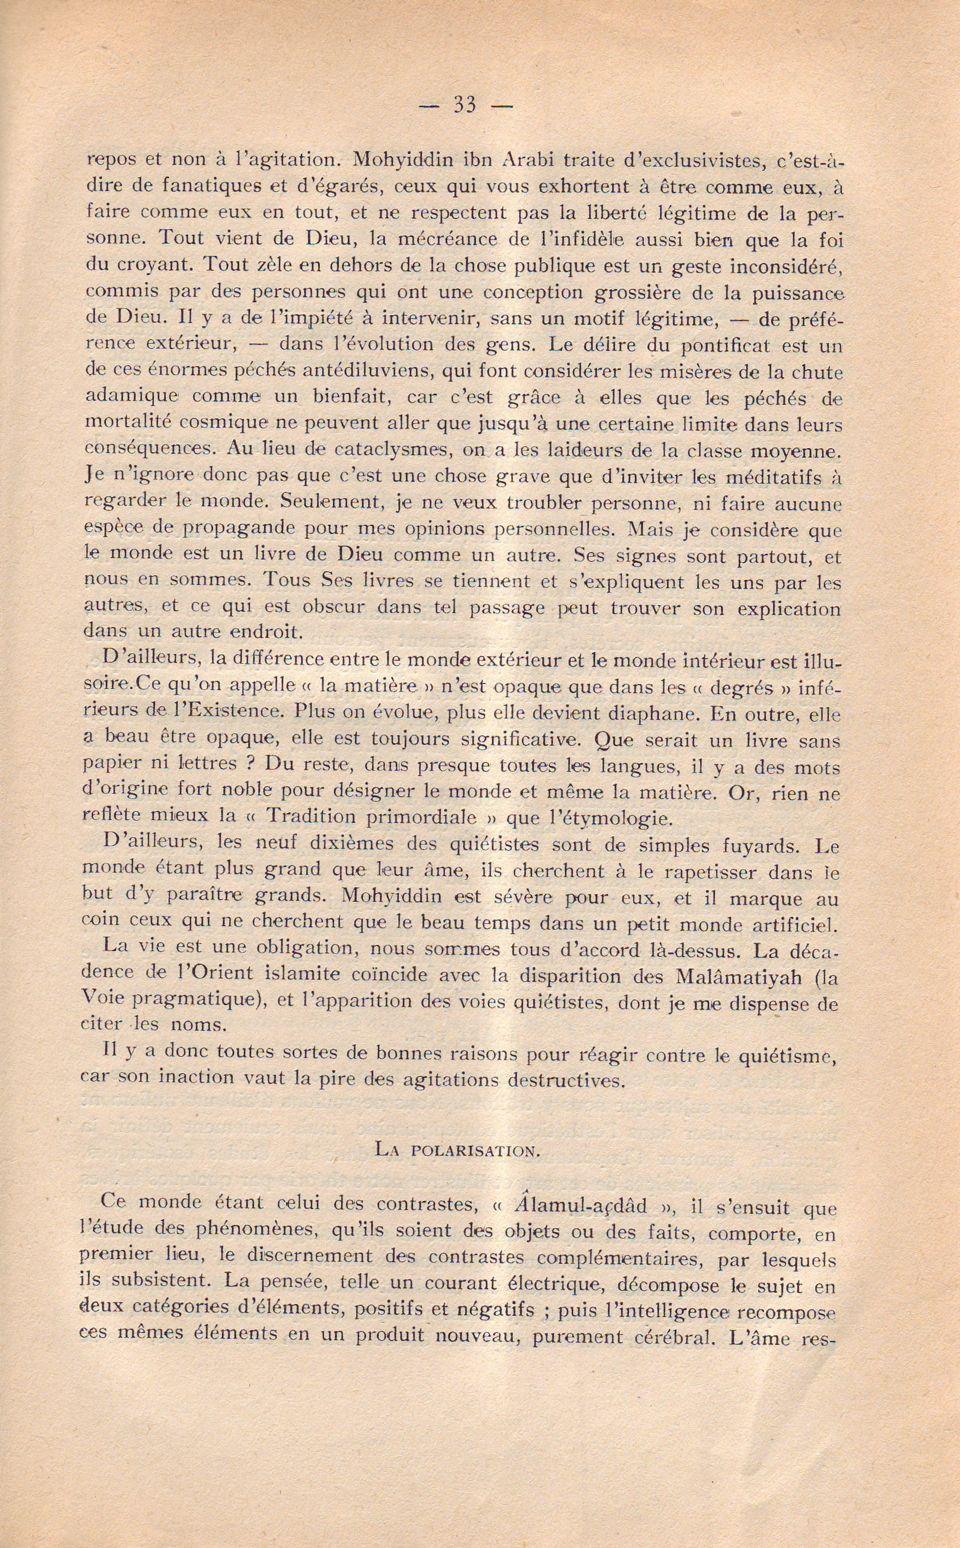 Pages..Mércure 6. 33